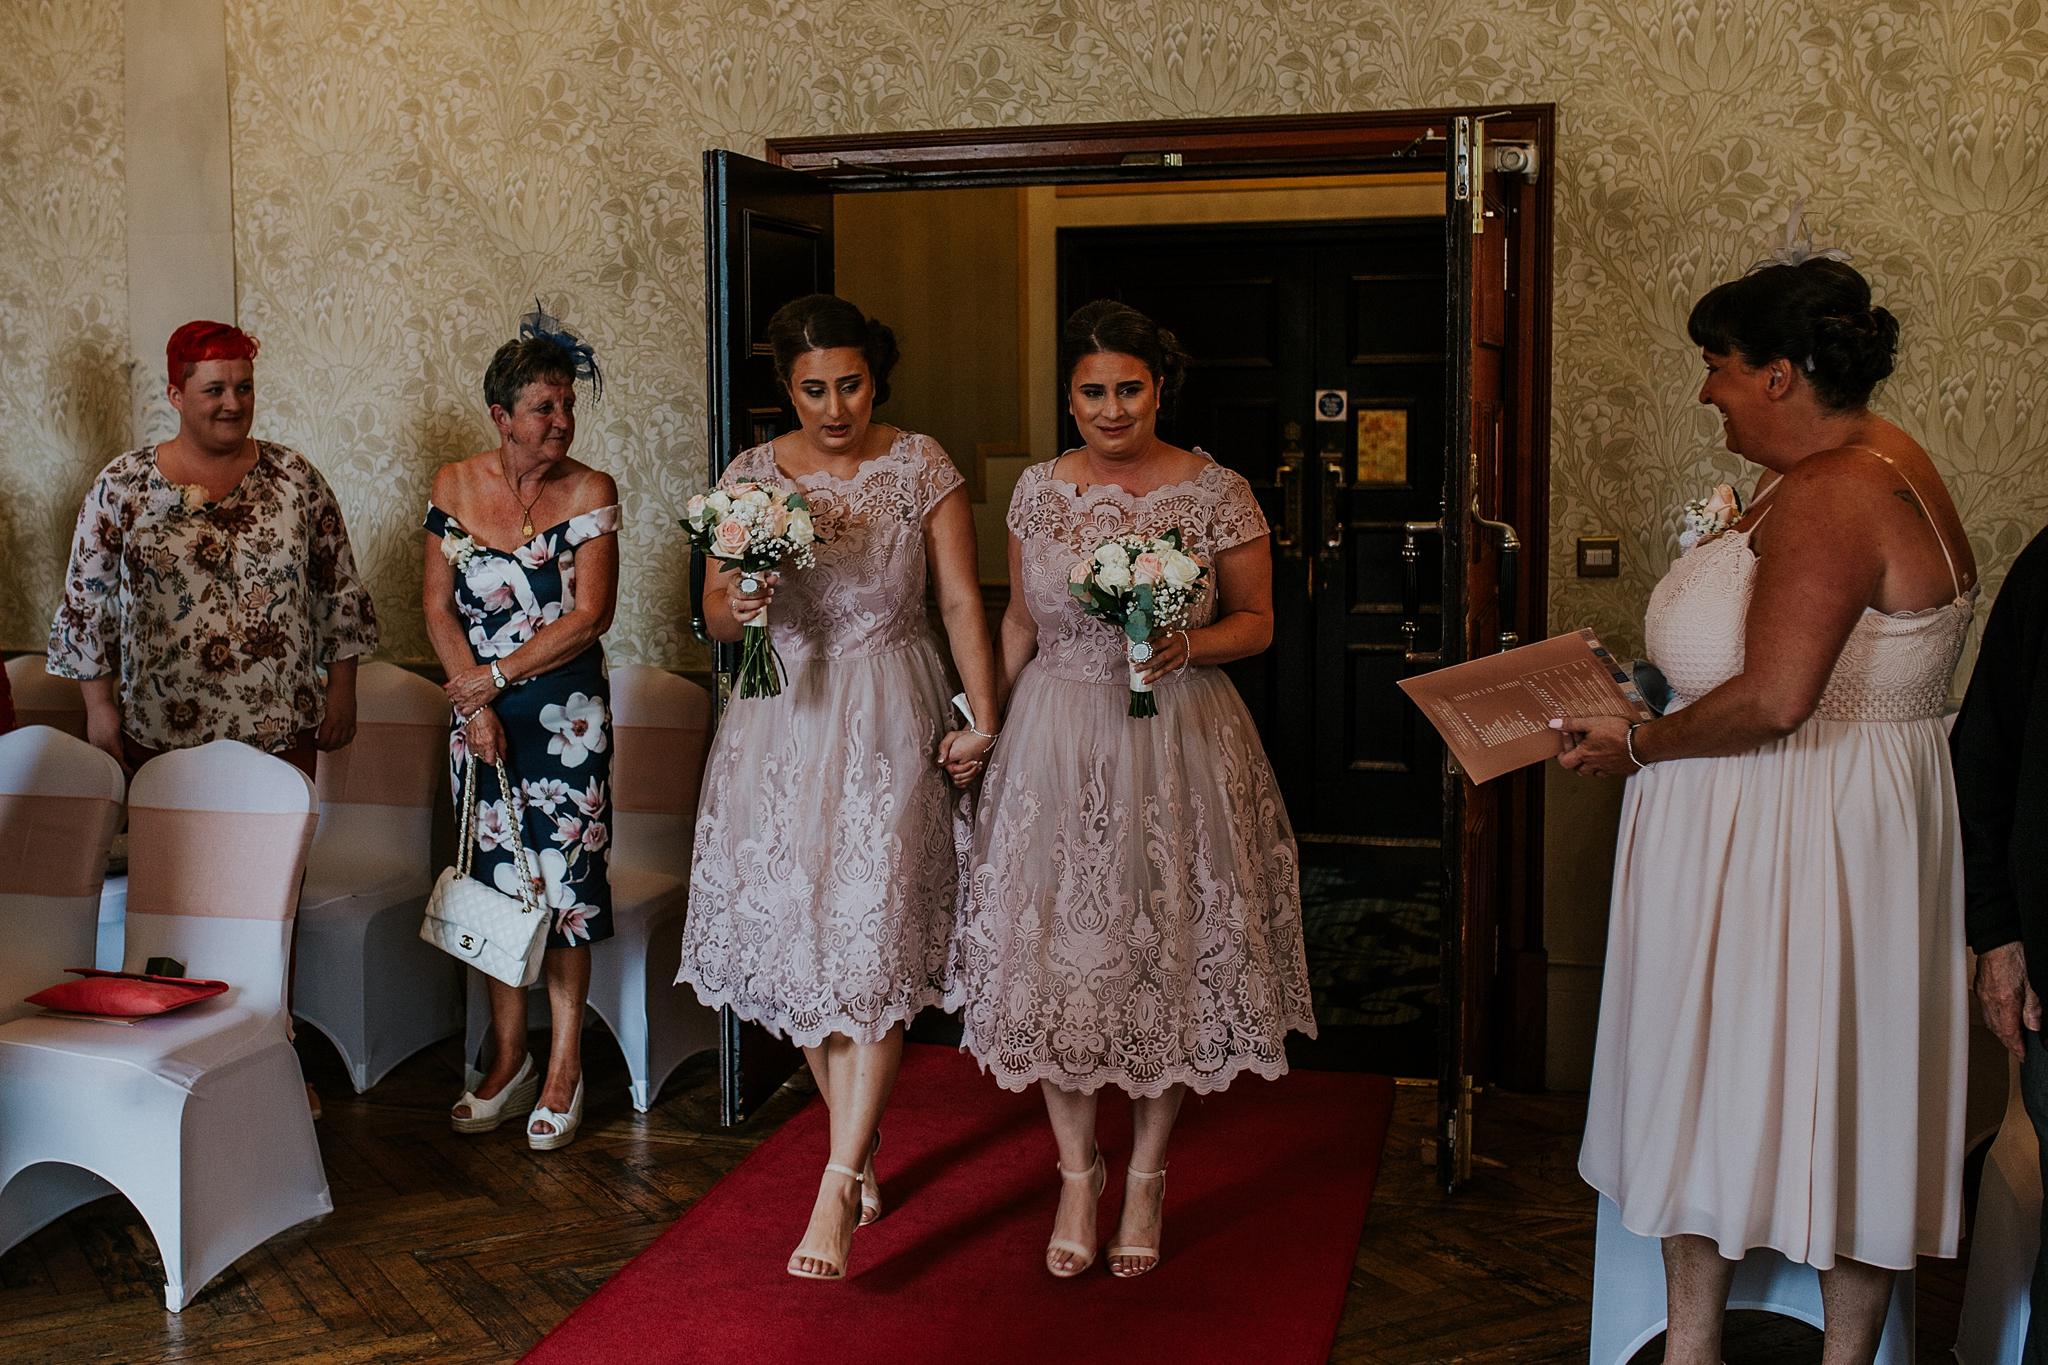 newcastle_upon_tyne_wedding_photographer-14.JPG